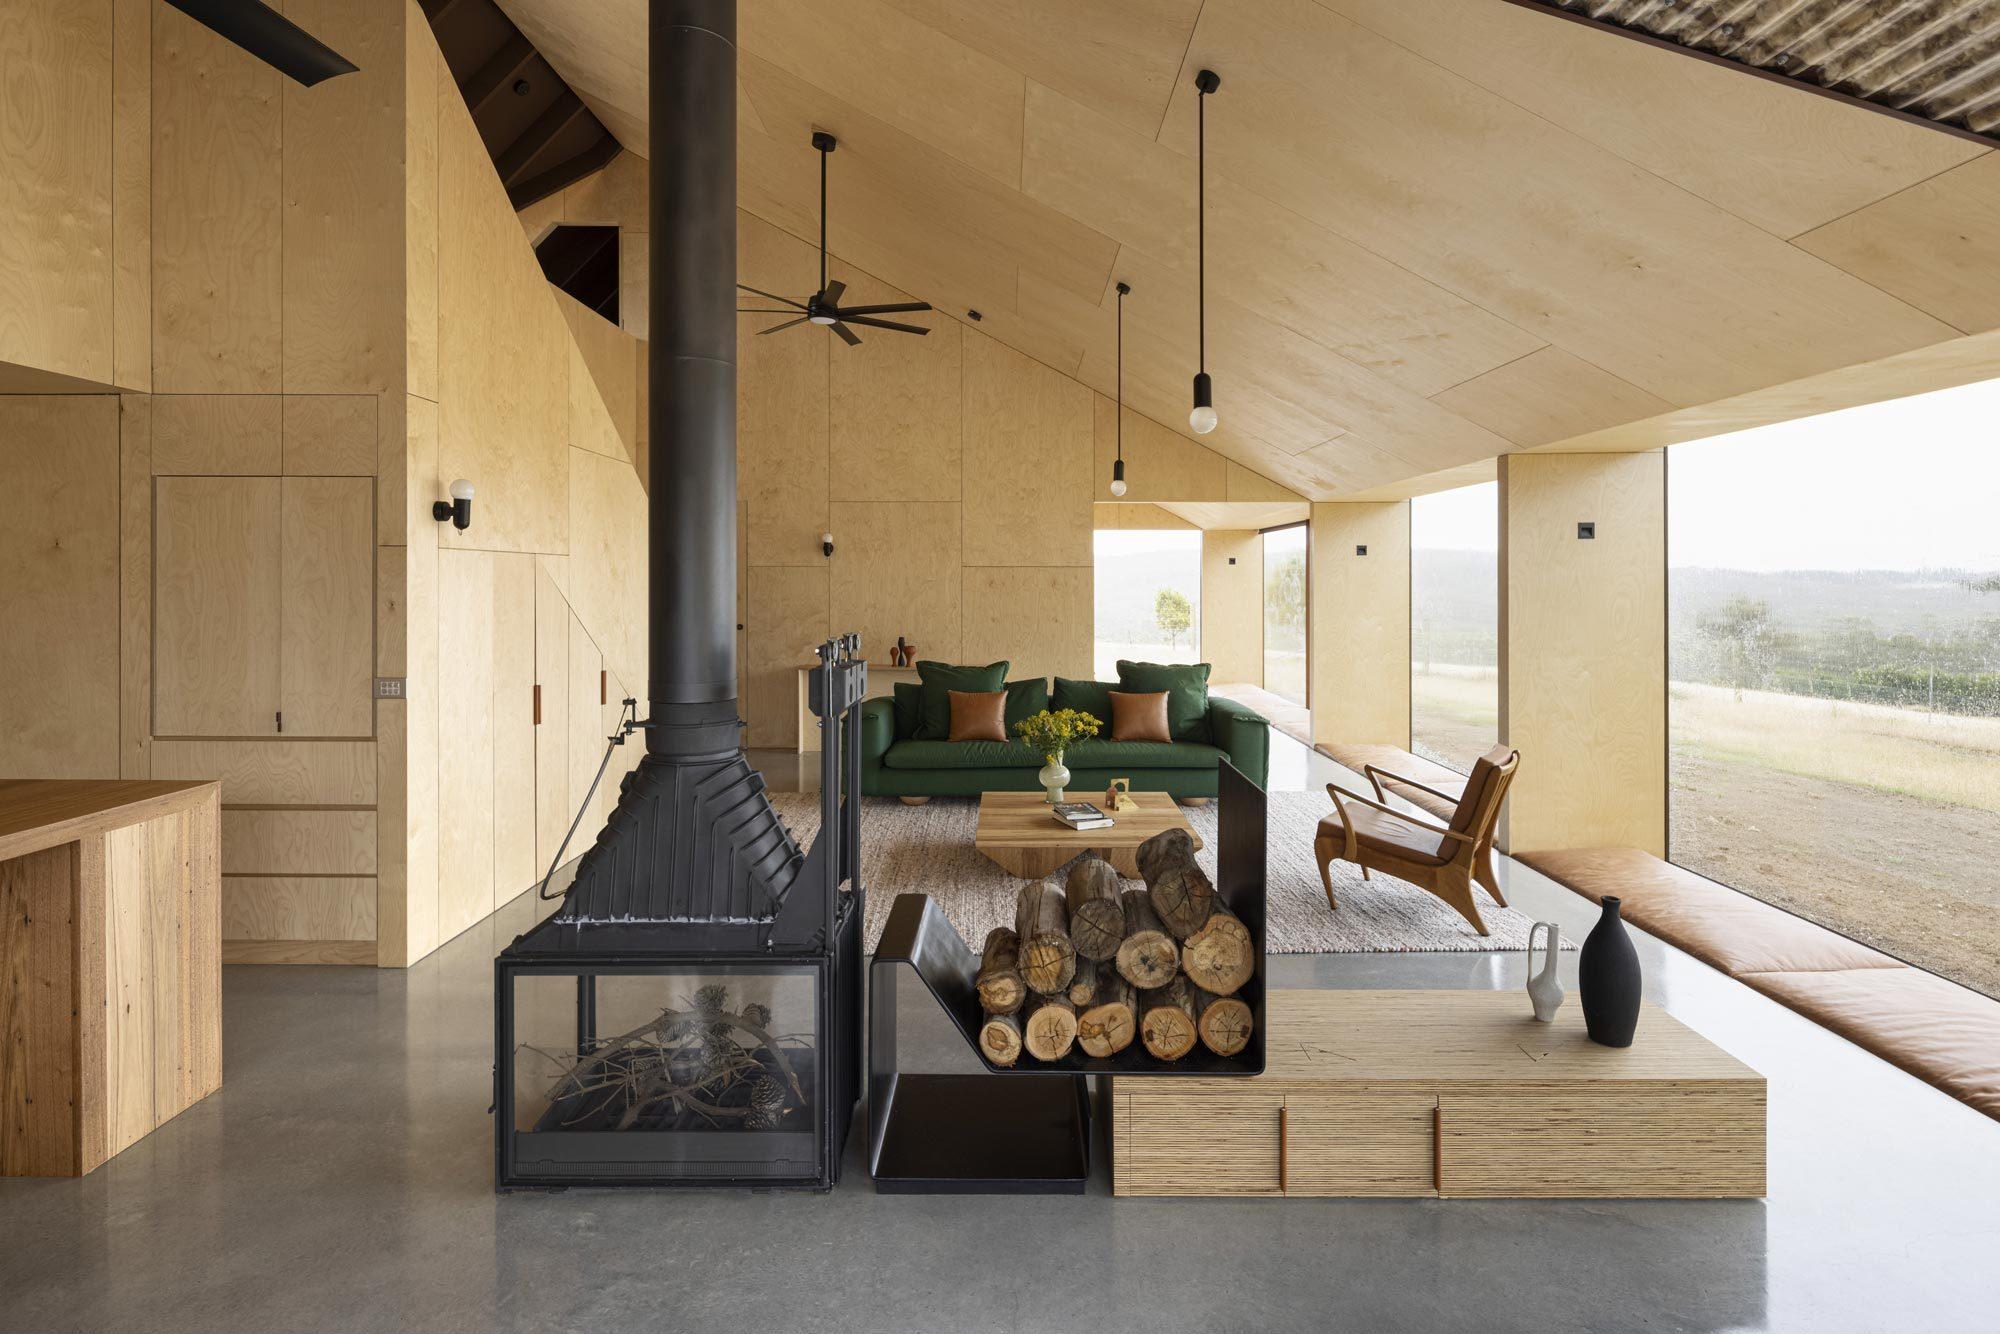 Auf Bruny Island in Australien gelang FMD Architects die moderne Interpretation eines Farmhauses. Benannt ist es nach der Schafrasse, die vor dem Fenster grast.